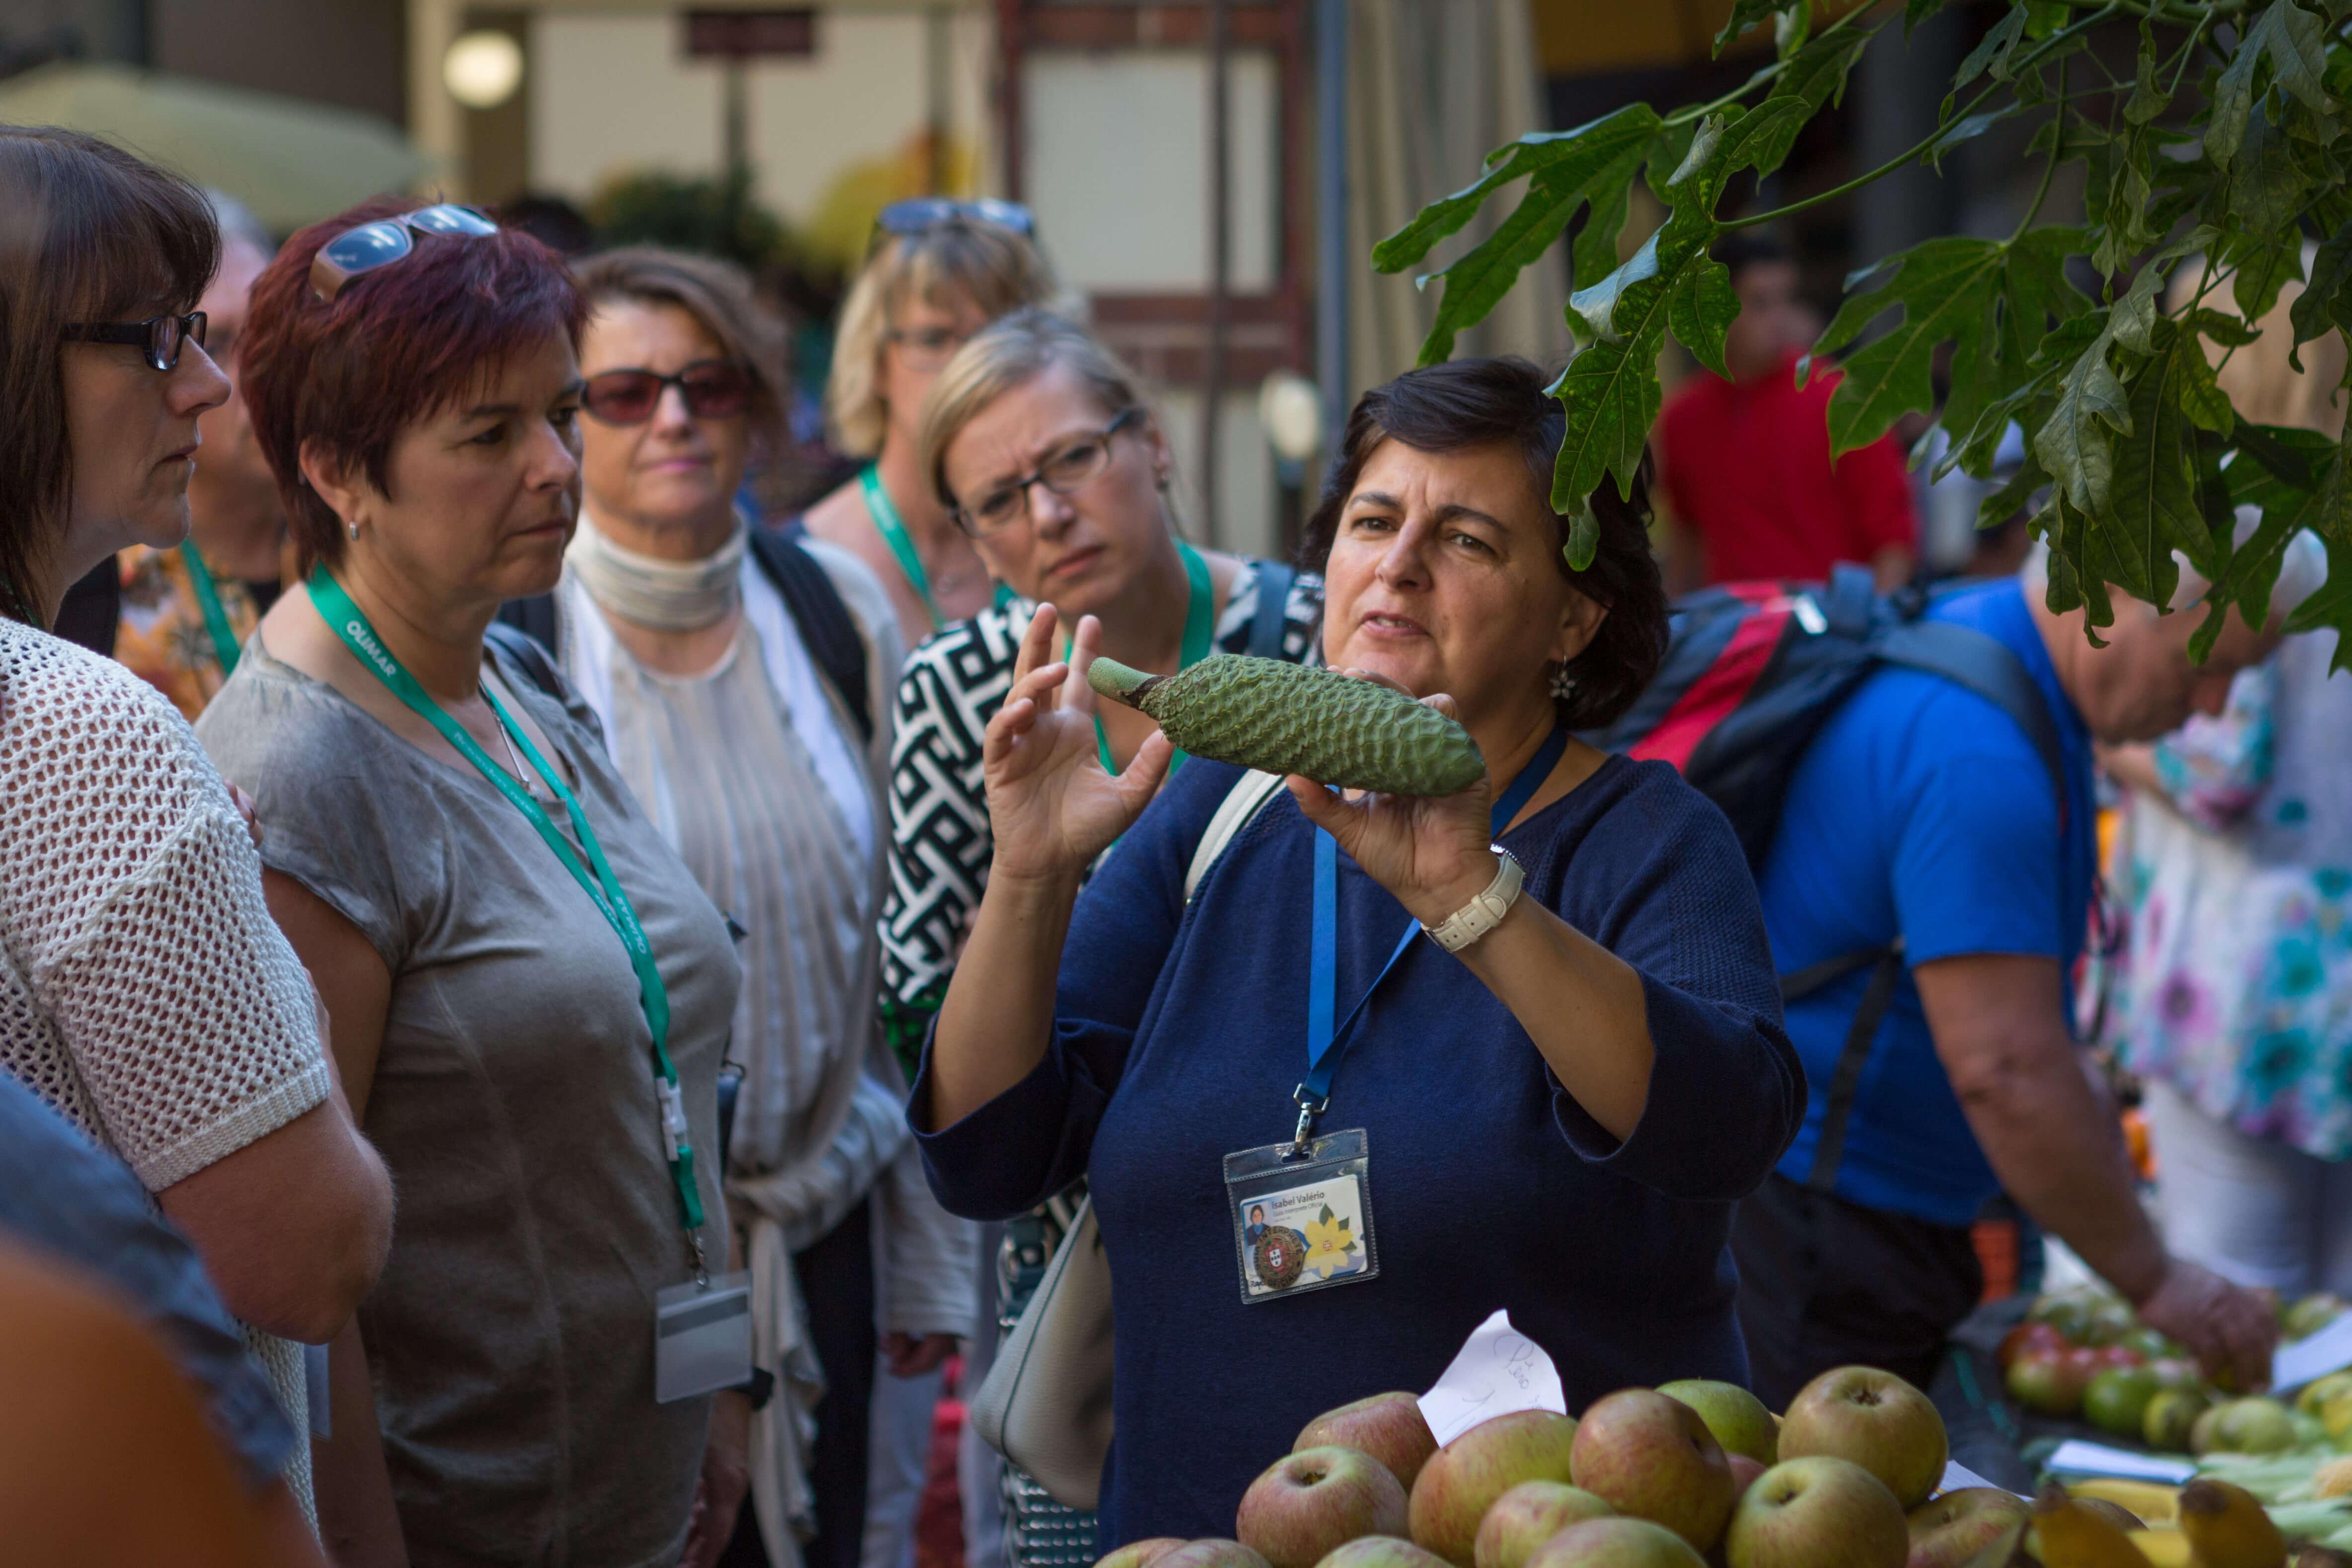 Markthalle von Funchal, Obst und Gemüse Händler